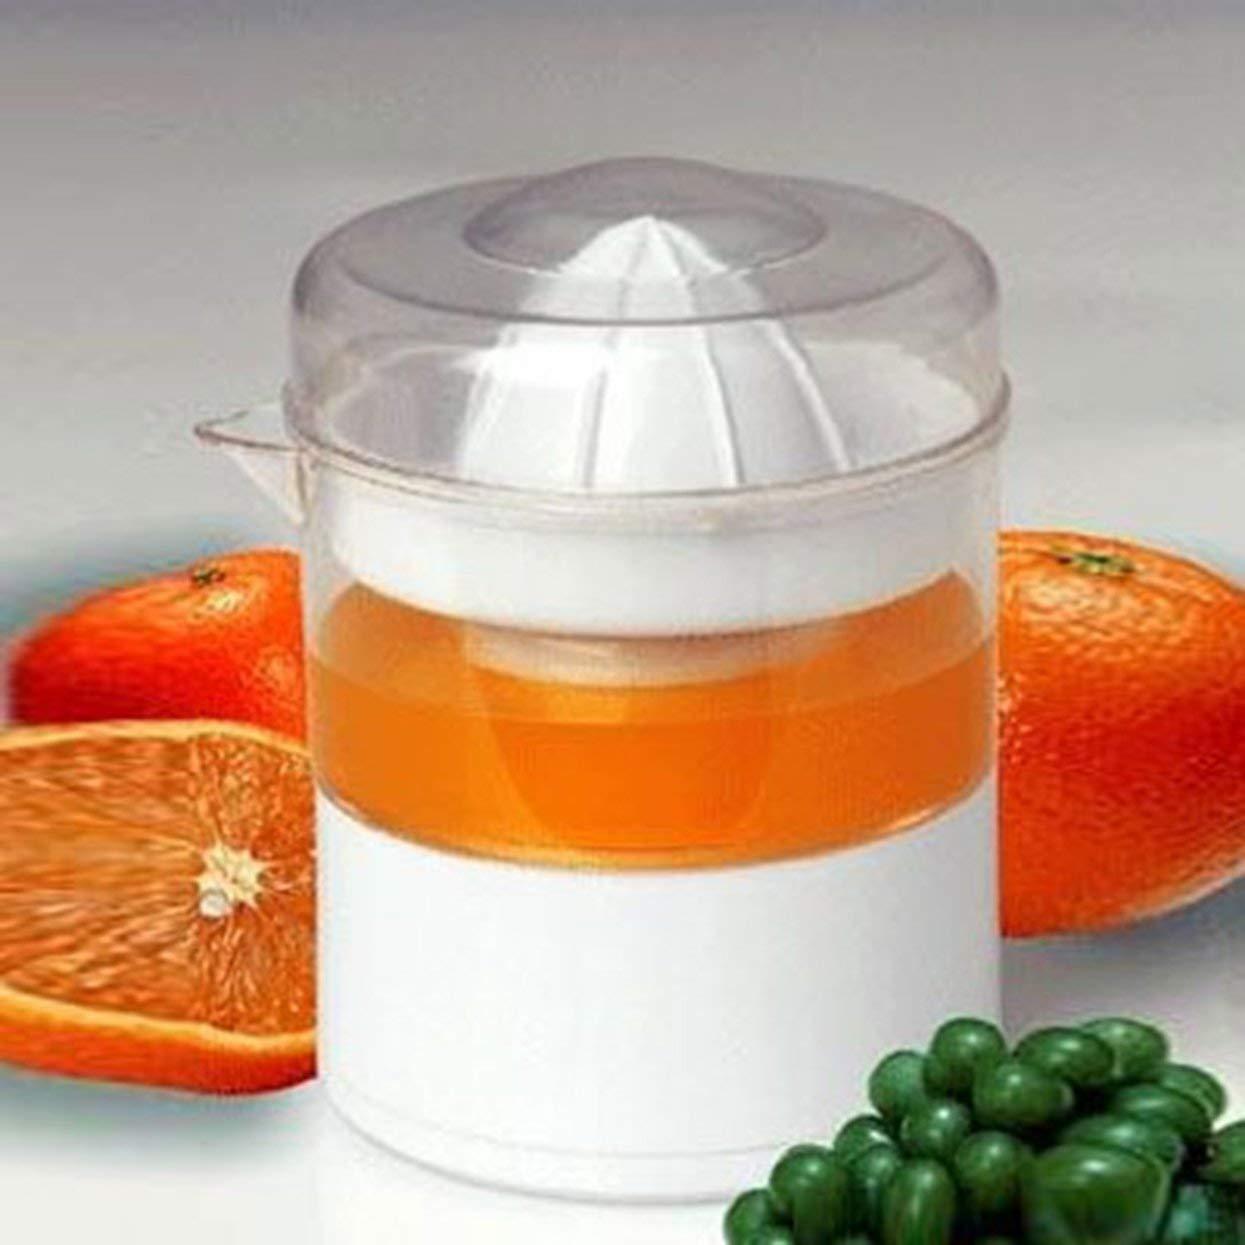 HQS-F006 - Exprimidor de zumo eléctrico, aroma a limón y melón de ...